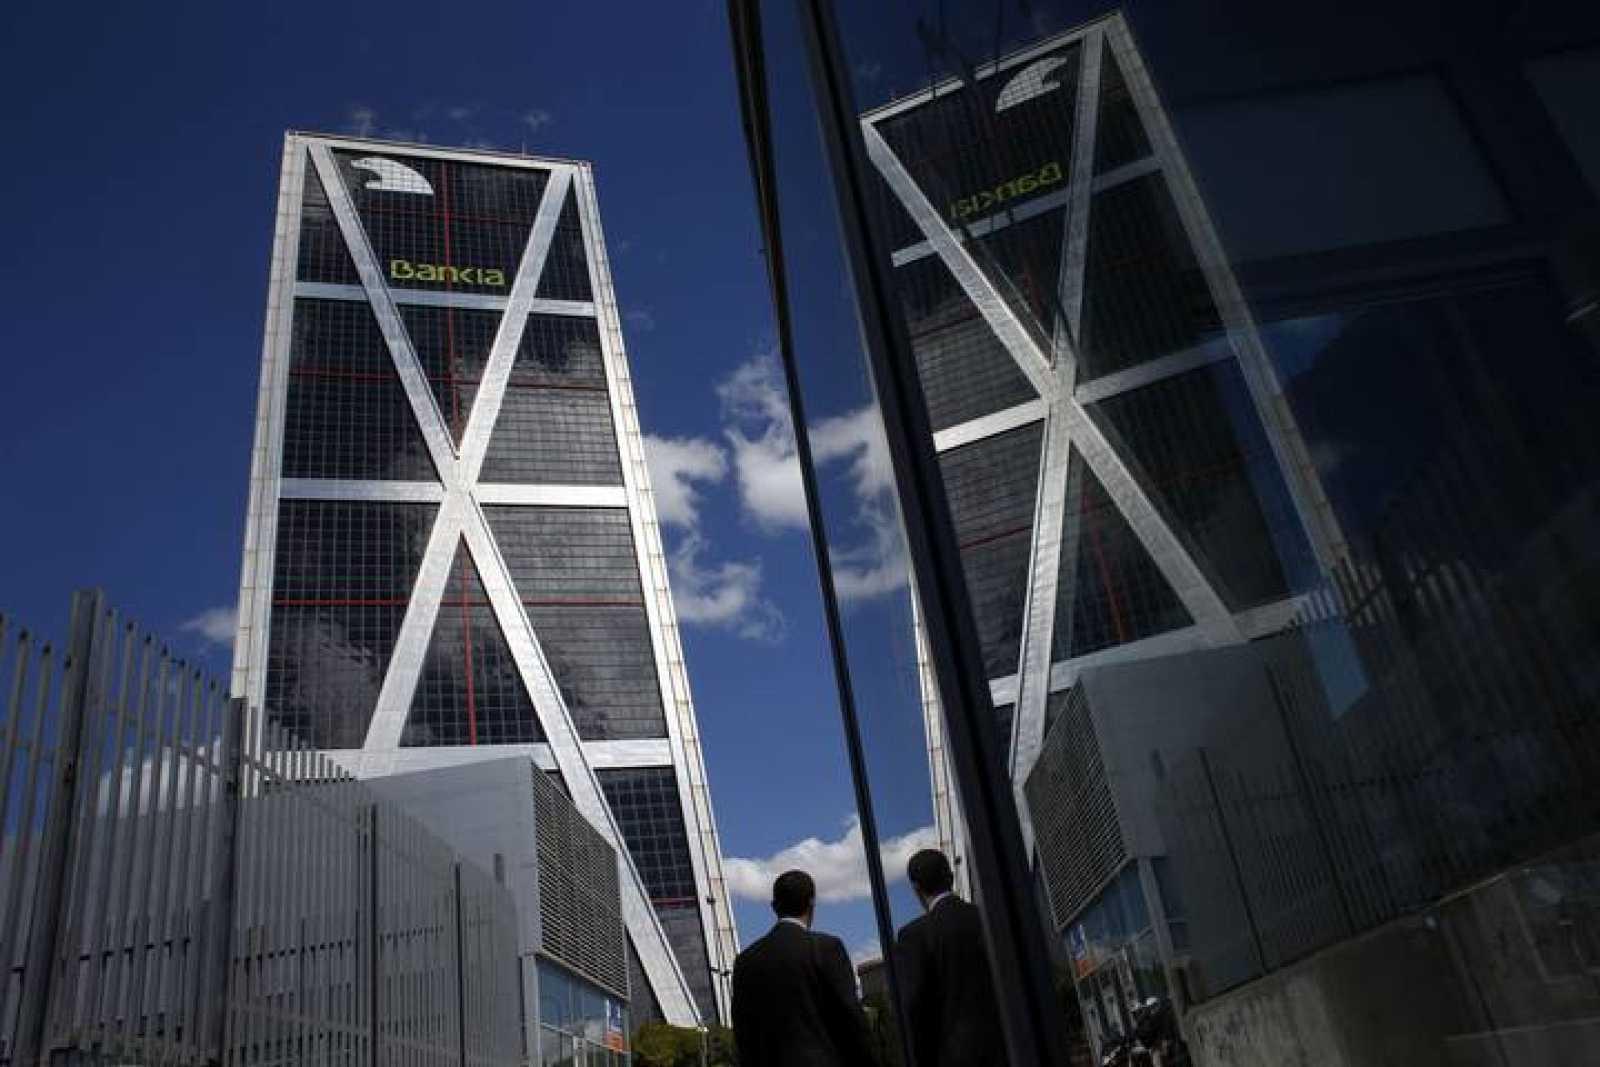 La sede de Bankia en Madrid